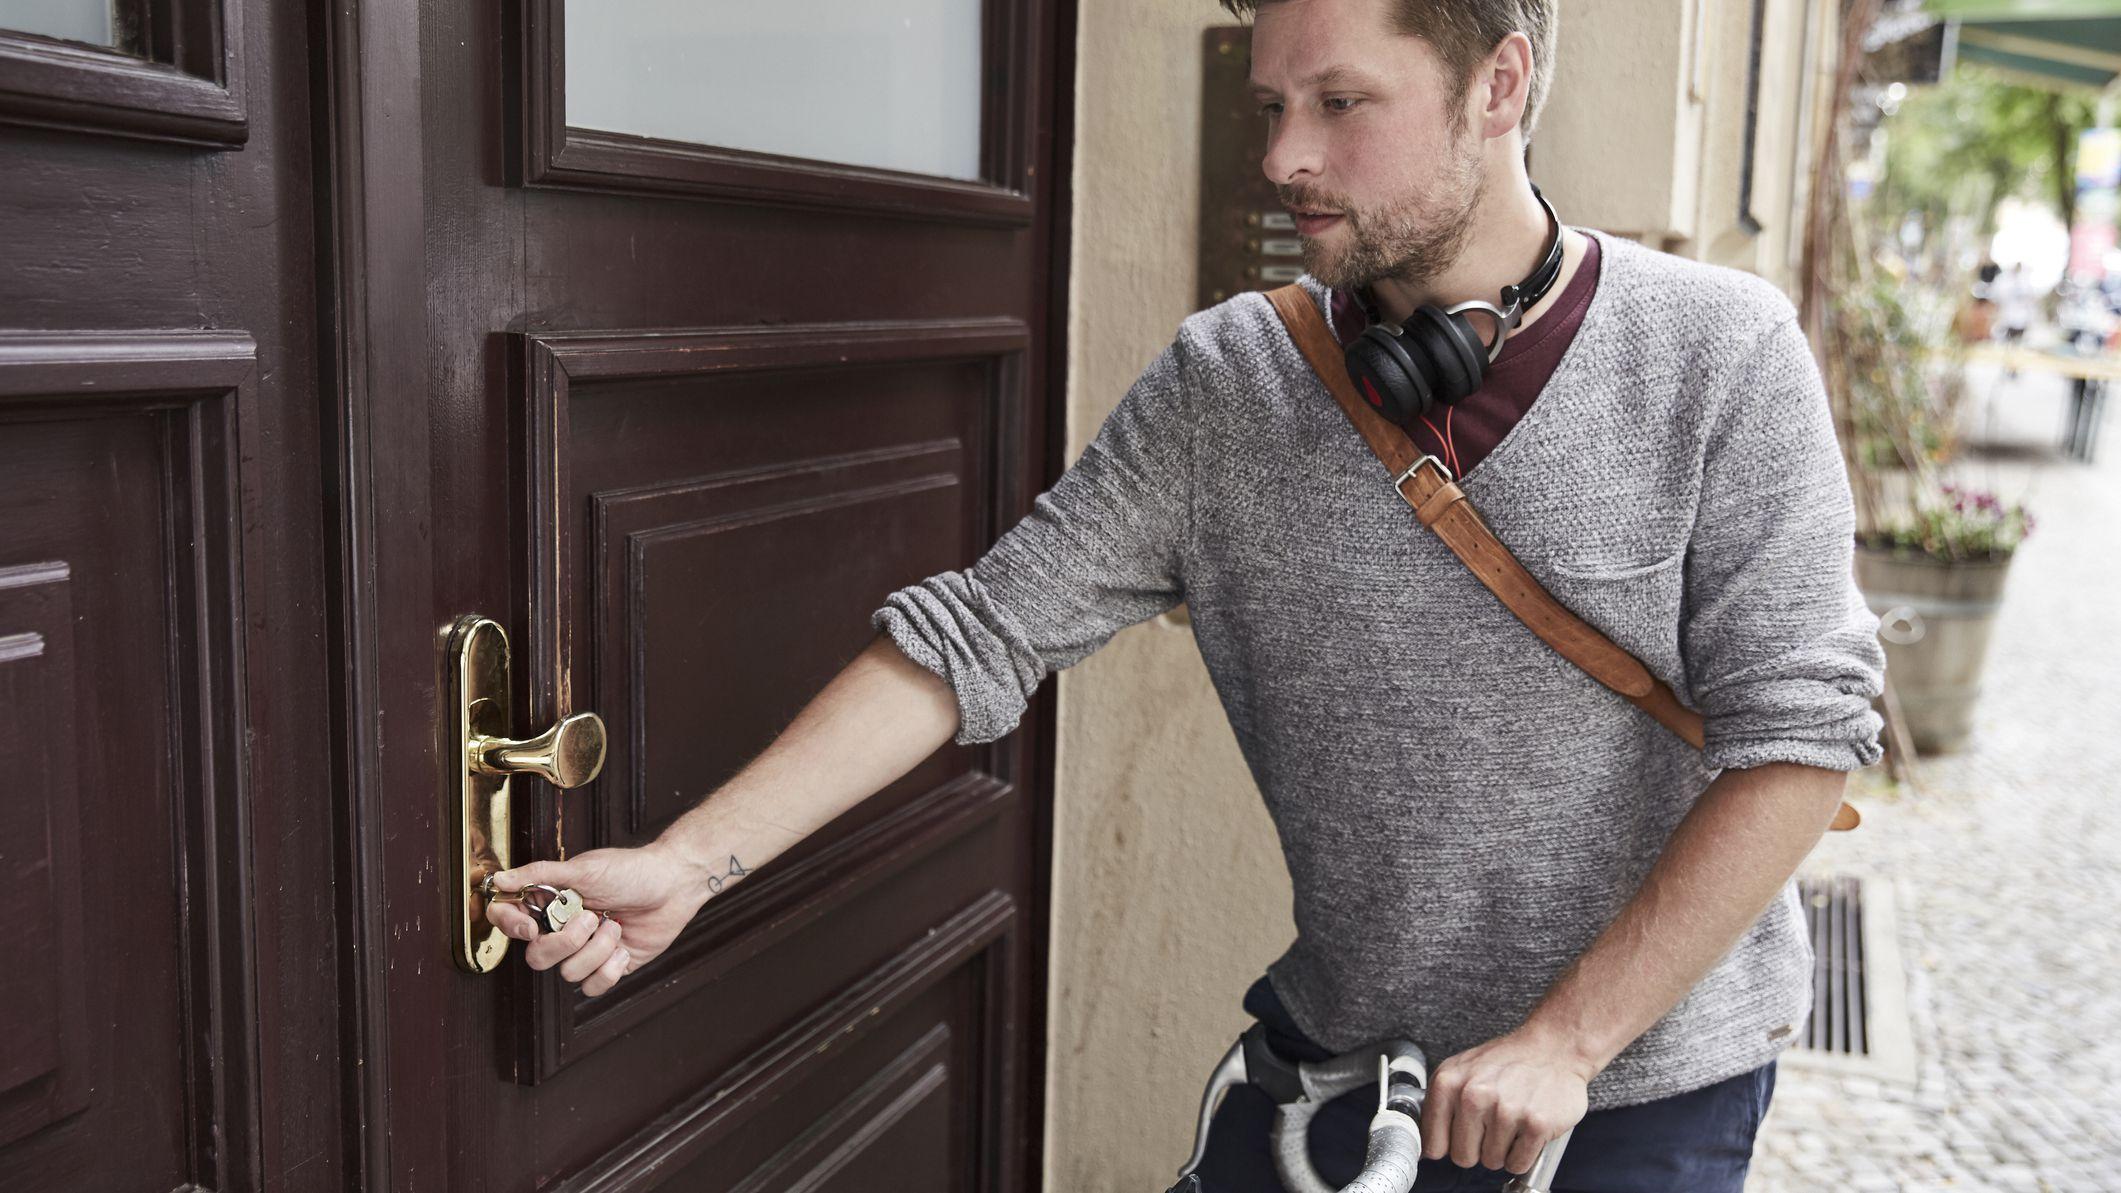 The 9 Best Door Locks of 2019